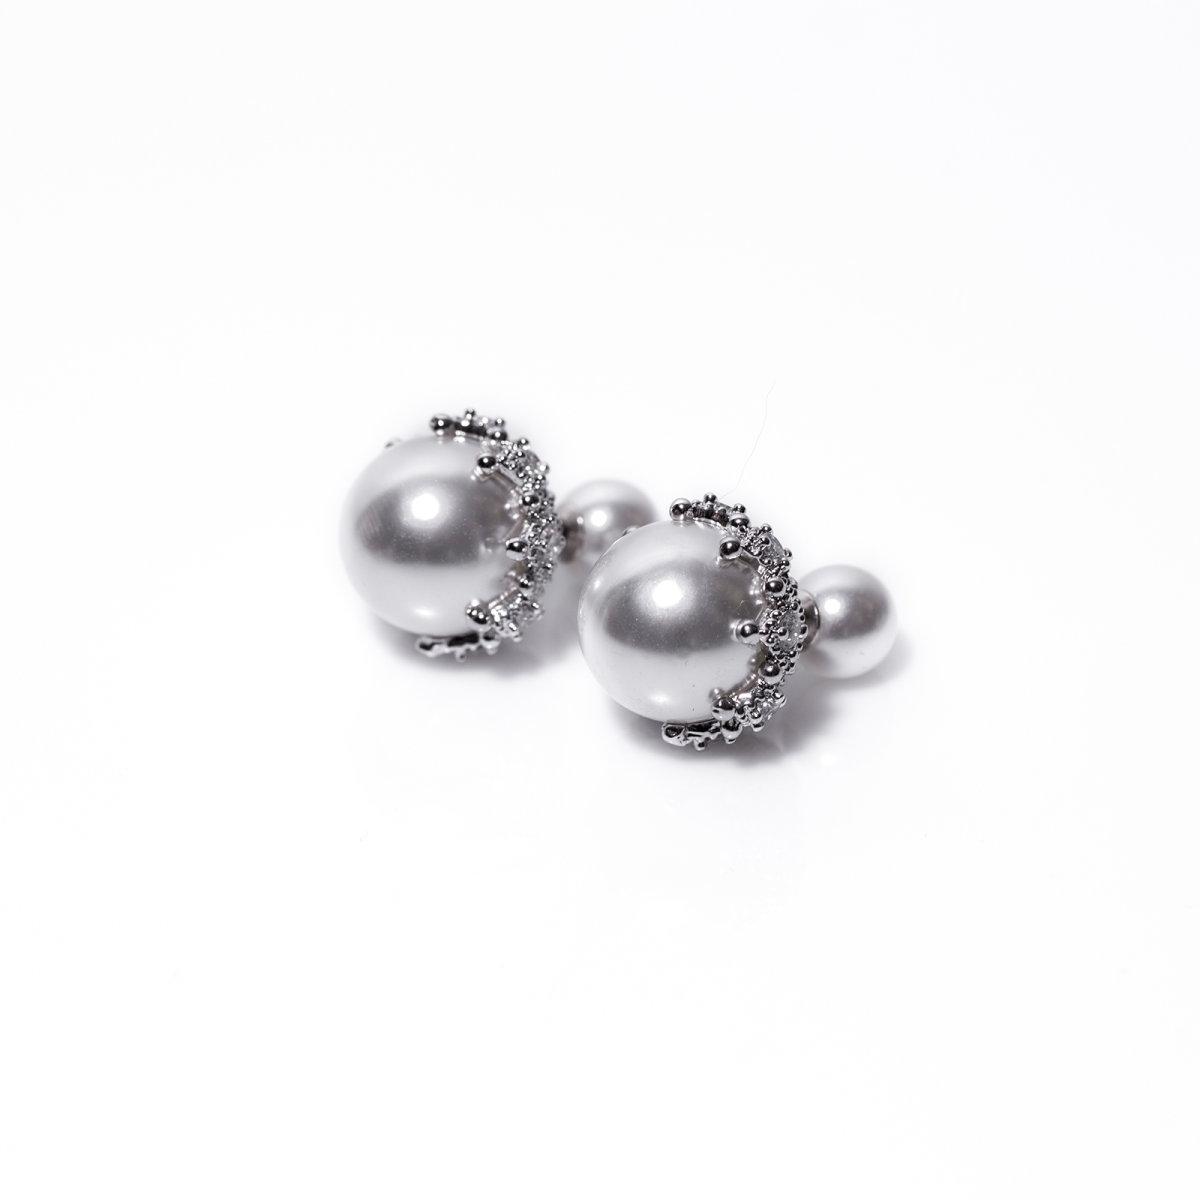 Cercei cu detalii tip perle Argintiu